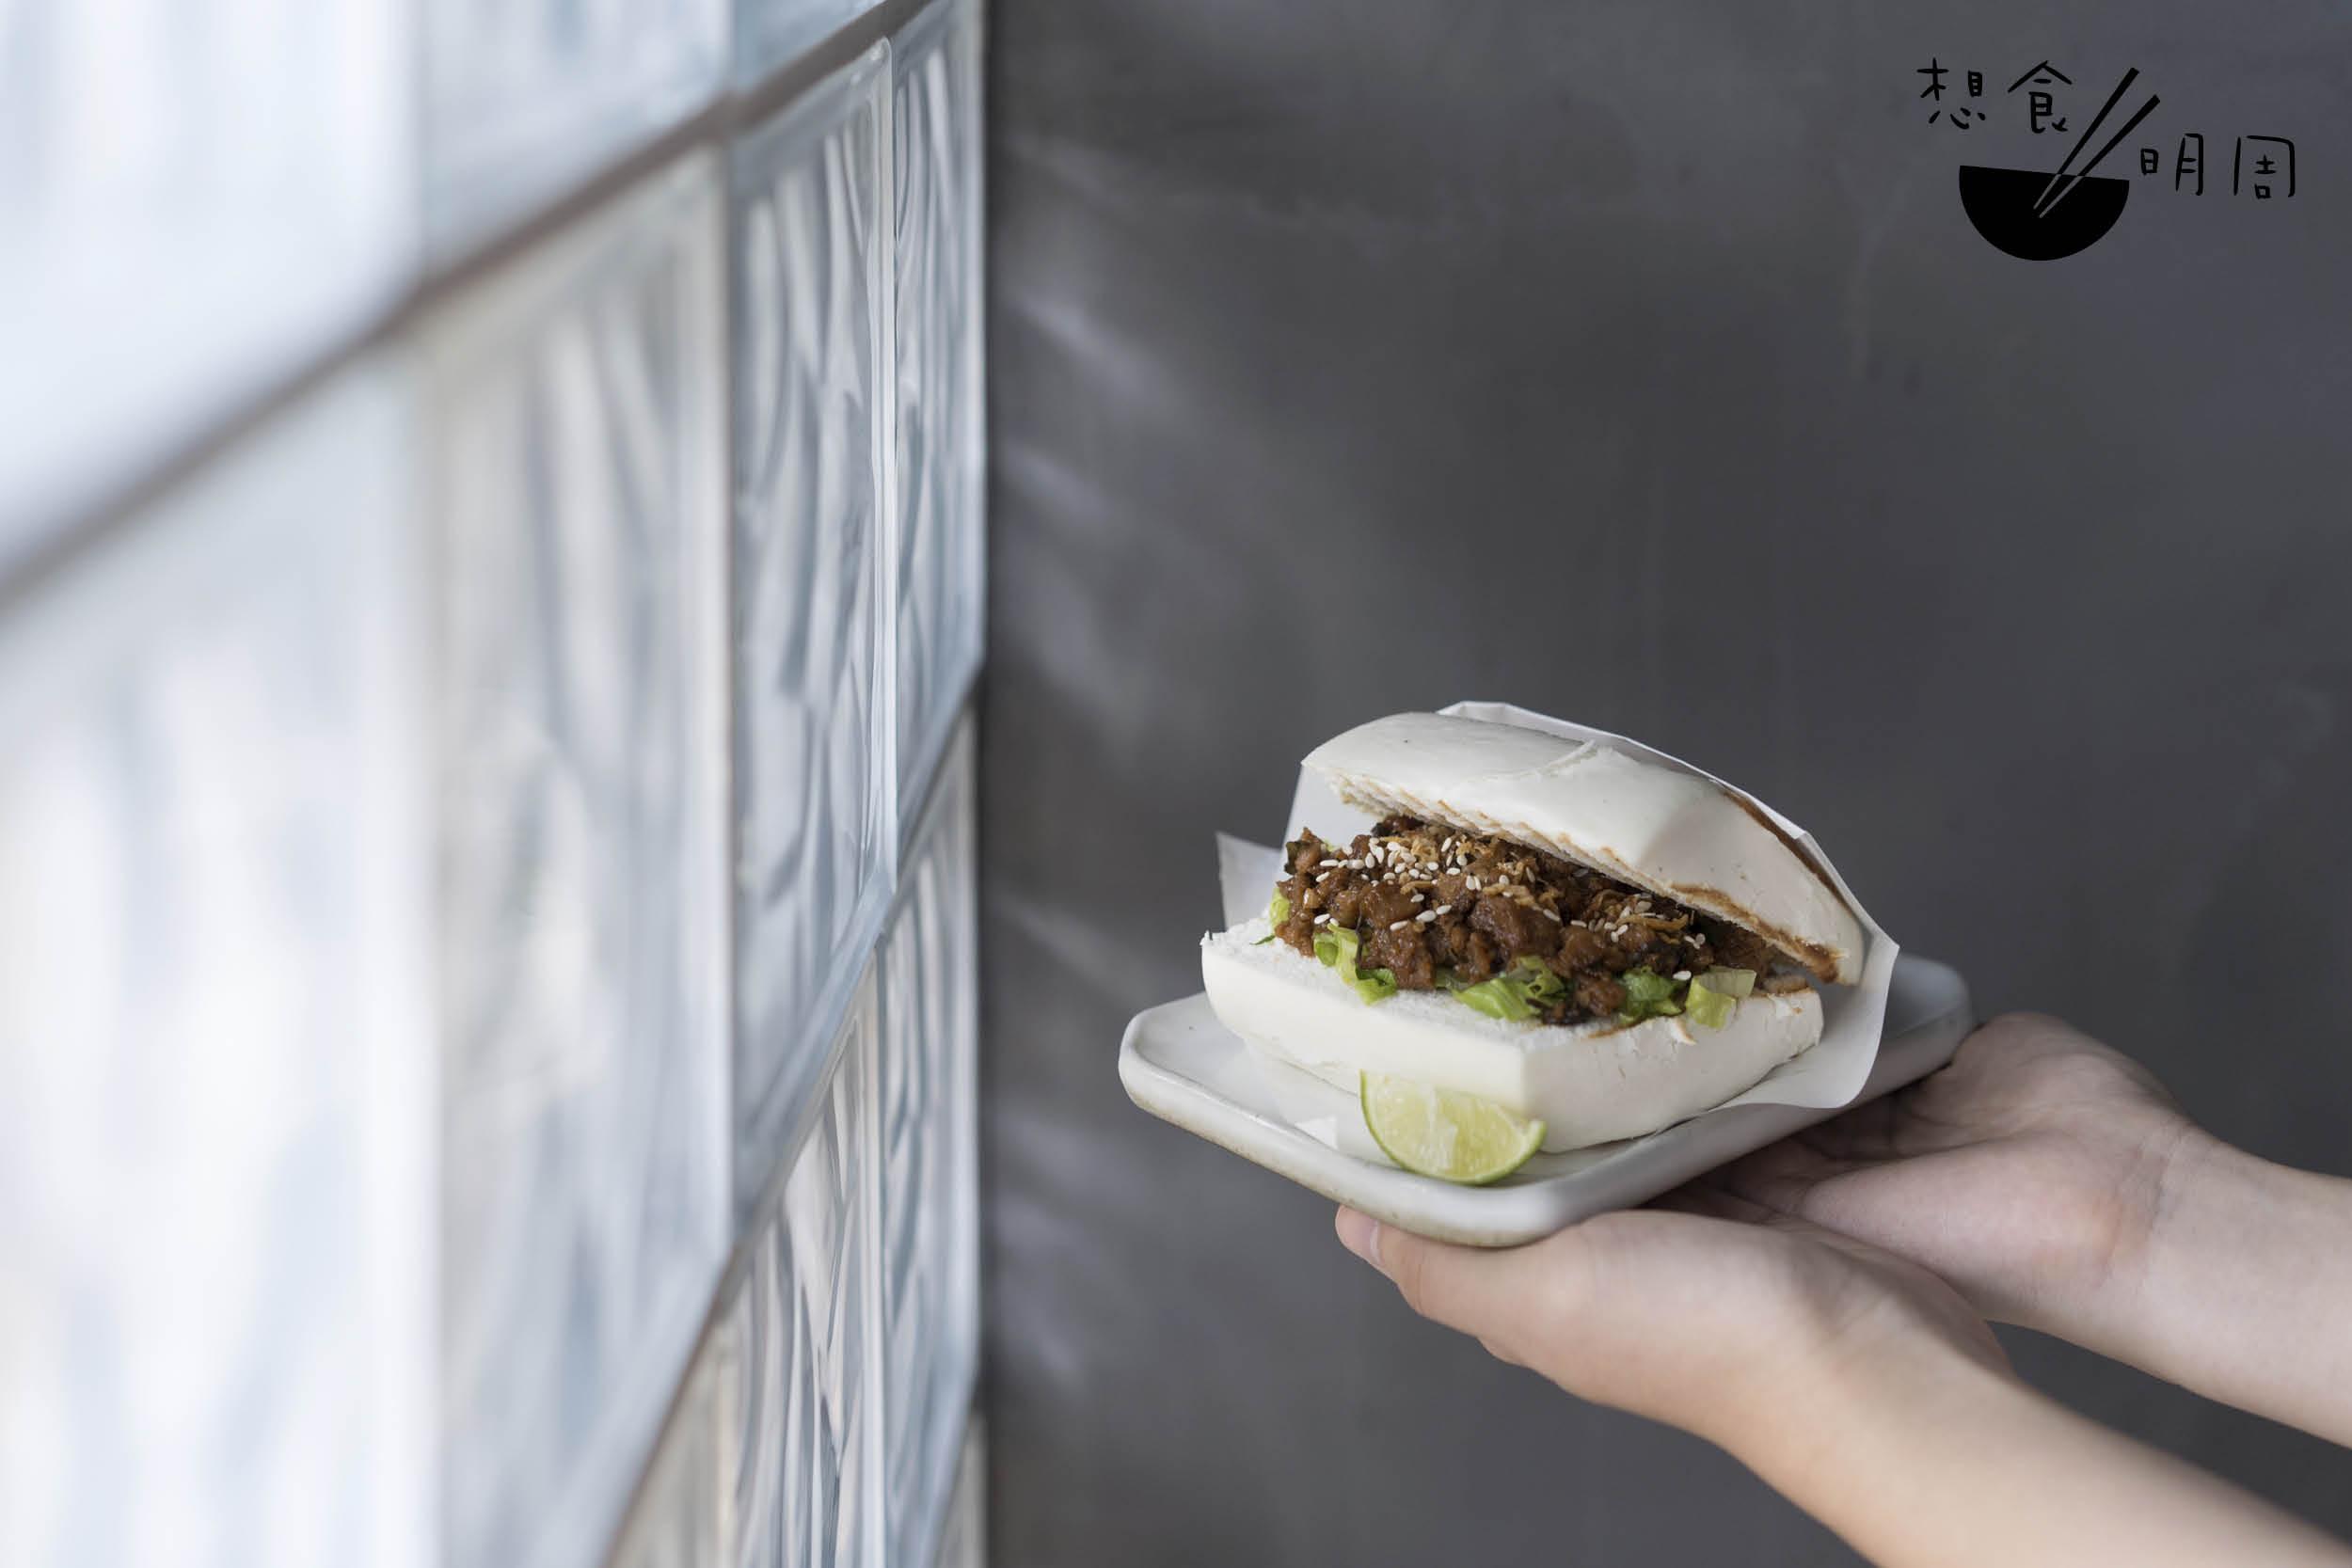 泰式香葉炒新豬肉刈包 // 包邊烤得帶微微焦脆,素肉質感像真,泰式香料味濃厚,飽肚而惹味。($78)